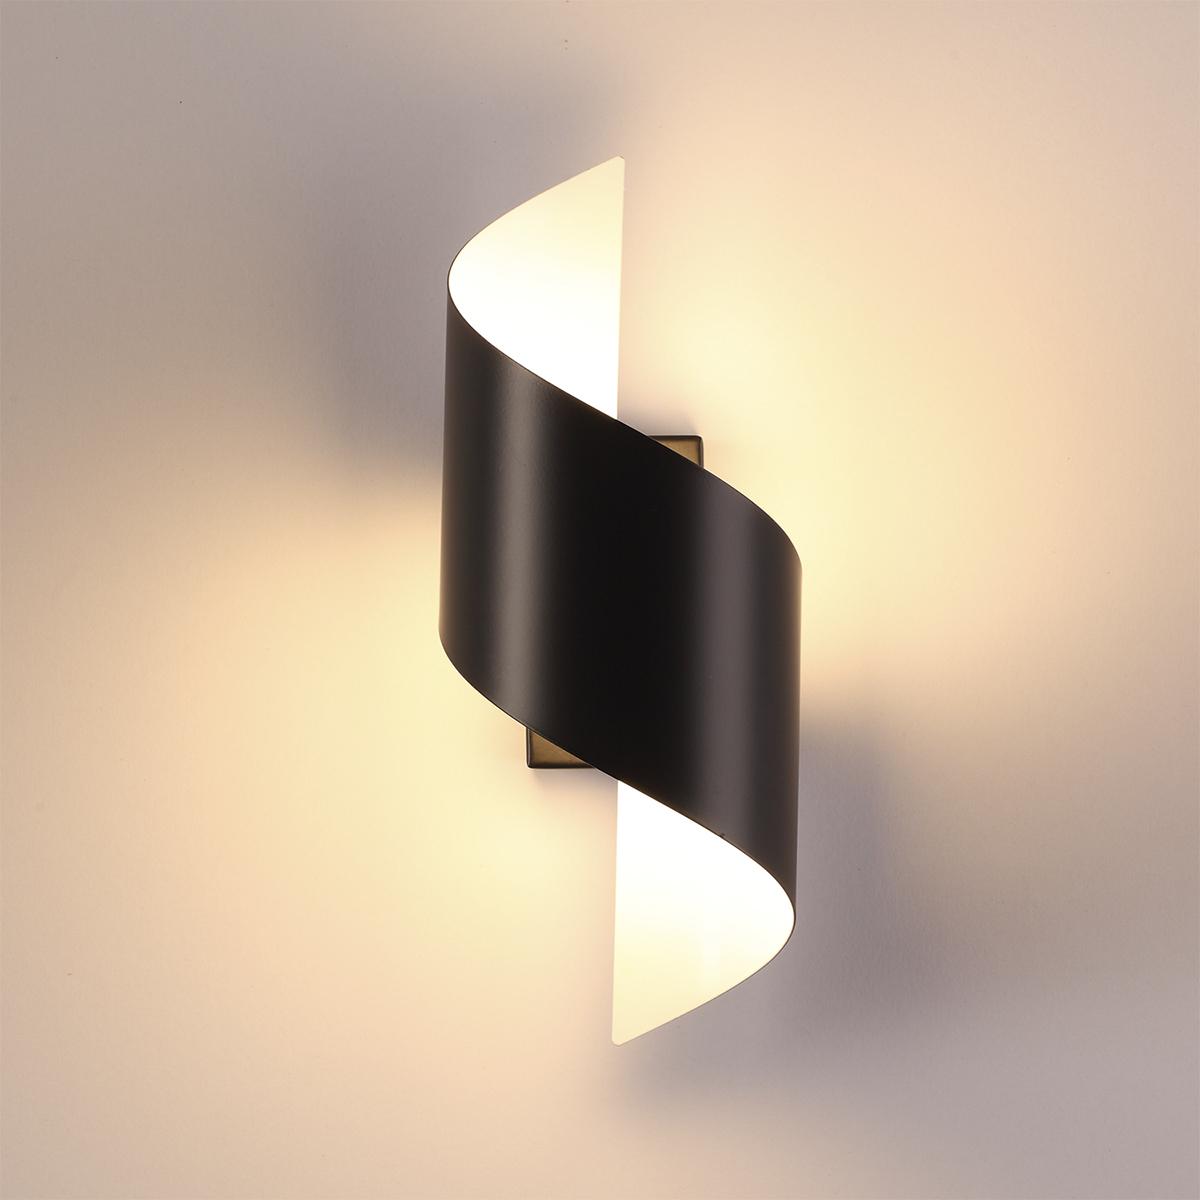 Настенный светодиодный светильник Odeon Light Hightech Boccolo 3542/5LW, LED 5W 3000K 500lm, черный, черный с белым, металл - фото 2